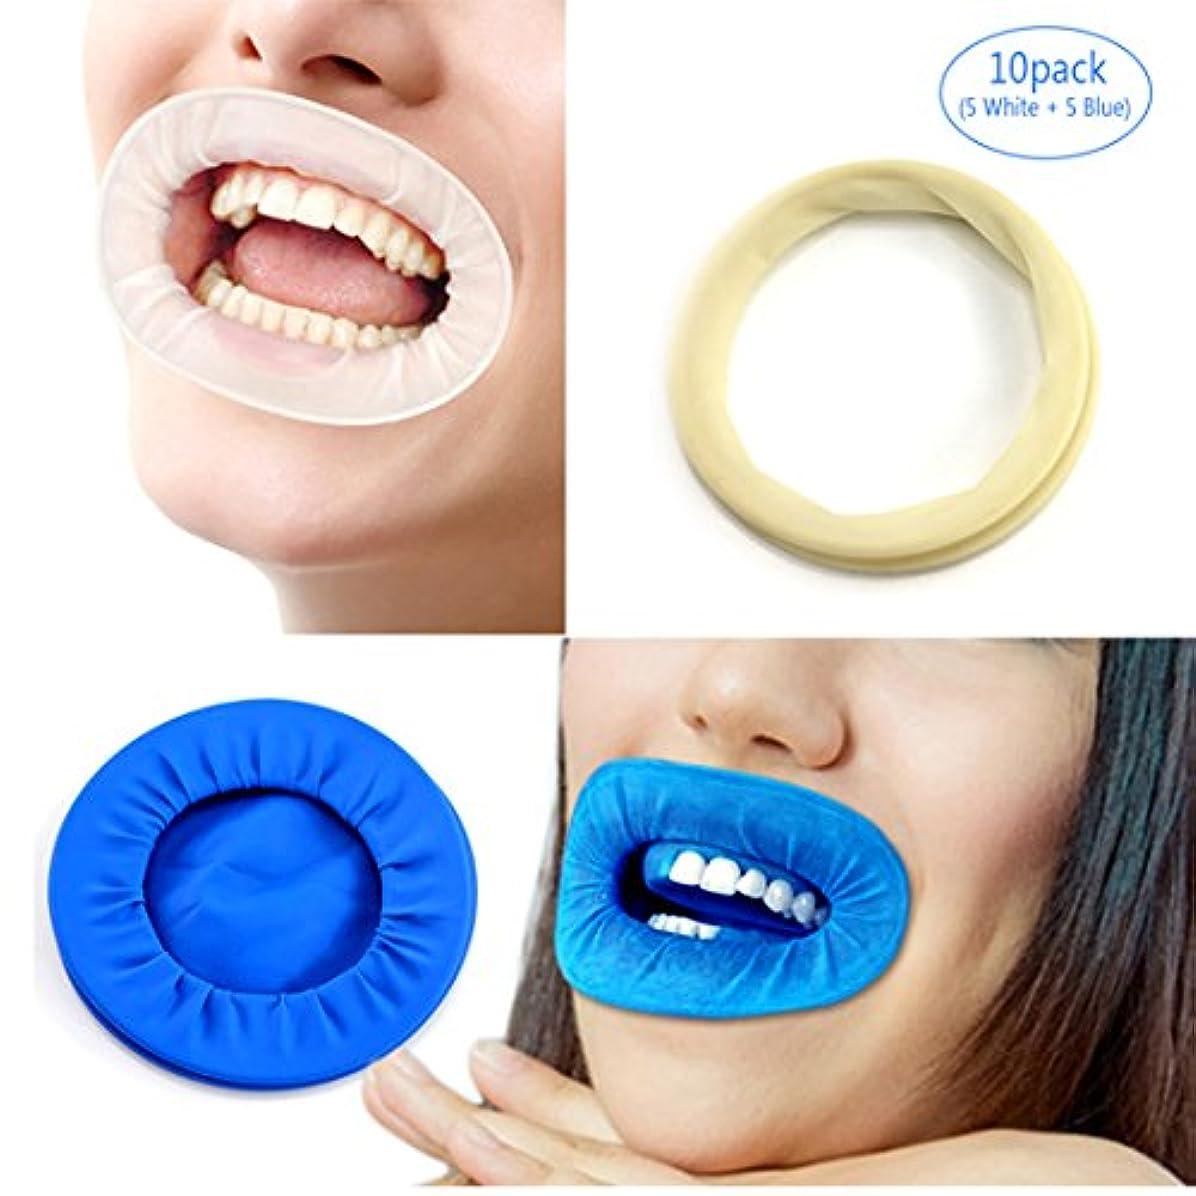 小さな男らしさ手当EZGO 10個歯科用ディスポーザブル非ラテックスラバーティックリトラクタ、ラバーダム&マウスギャグオープナーは歯を分離し、液体、感染症および過酷な化学物質から口を保護します(10パック) (5white+5blue)